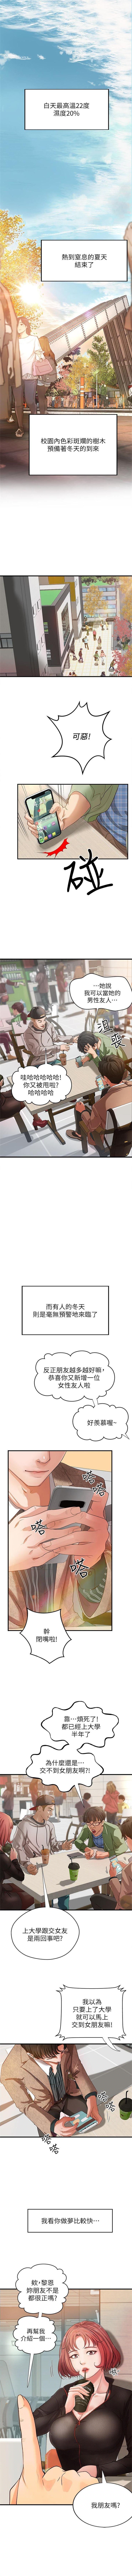 御姐的實戰教學 1-24 官方中文(連載中) 1